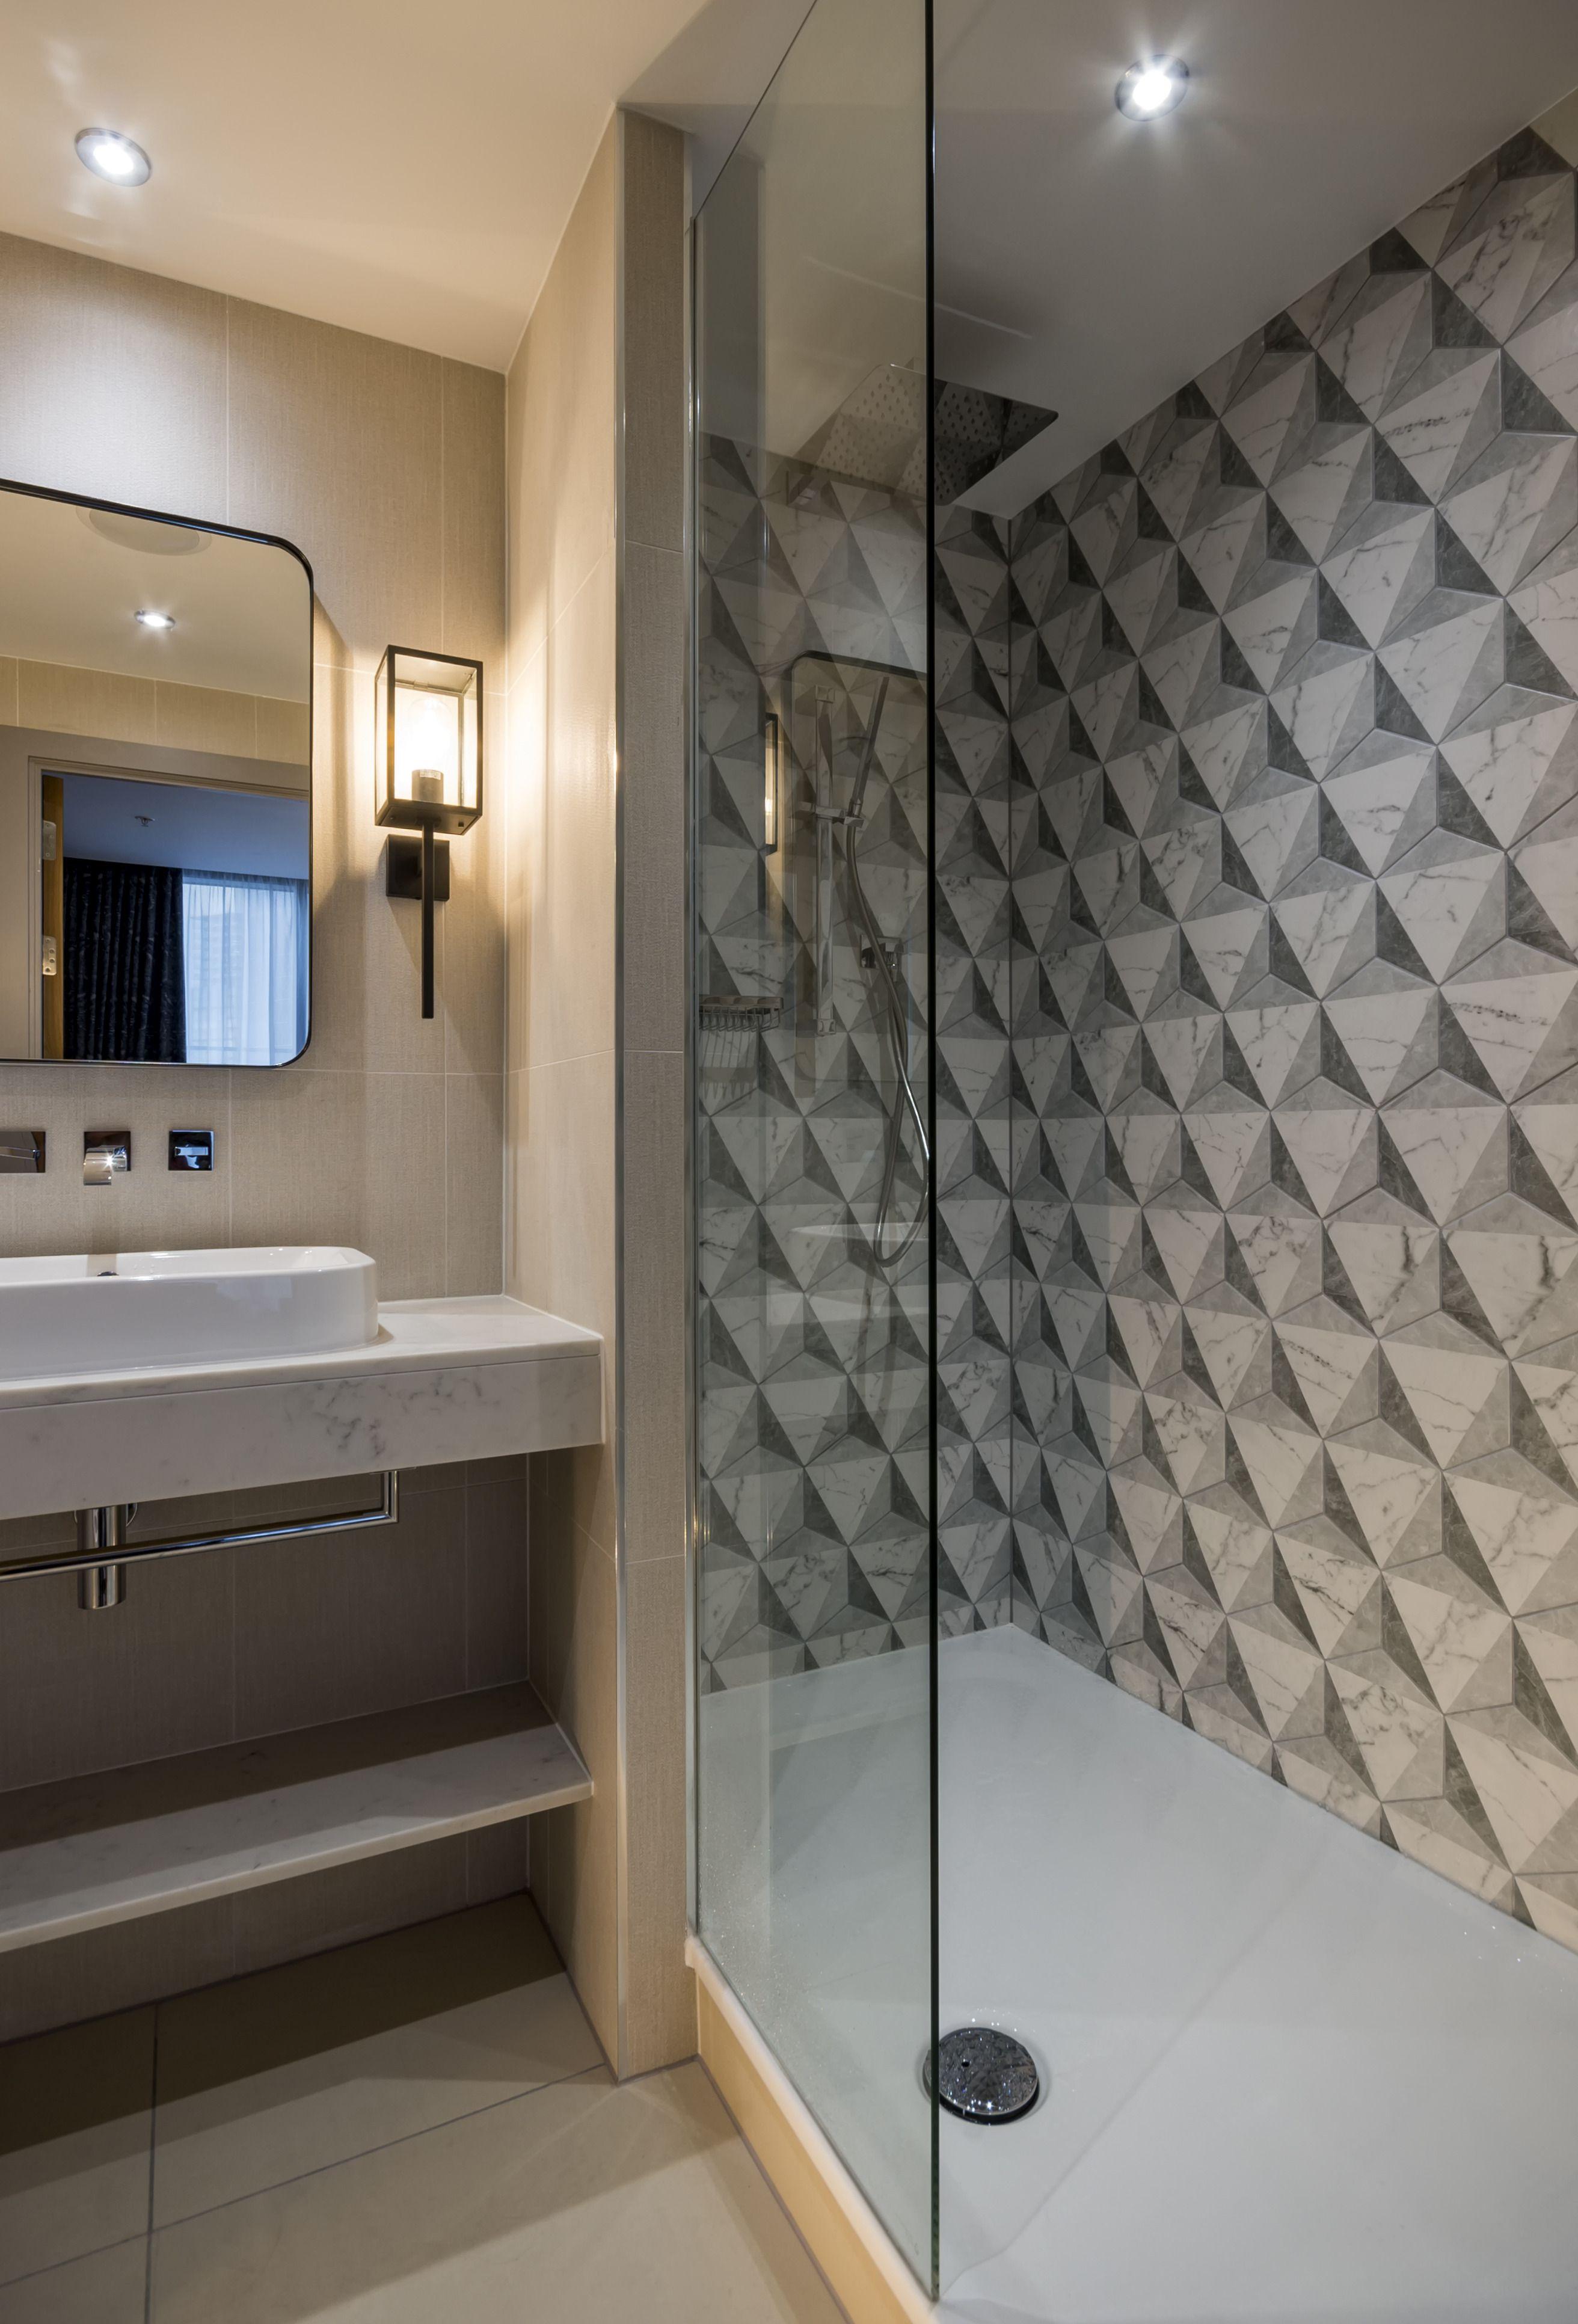 Bathroom Wall Panels Wigan   Bathroom Wall Panels, Bathroom Wall, Wall Panels